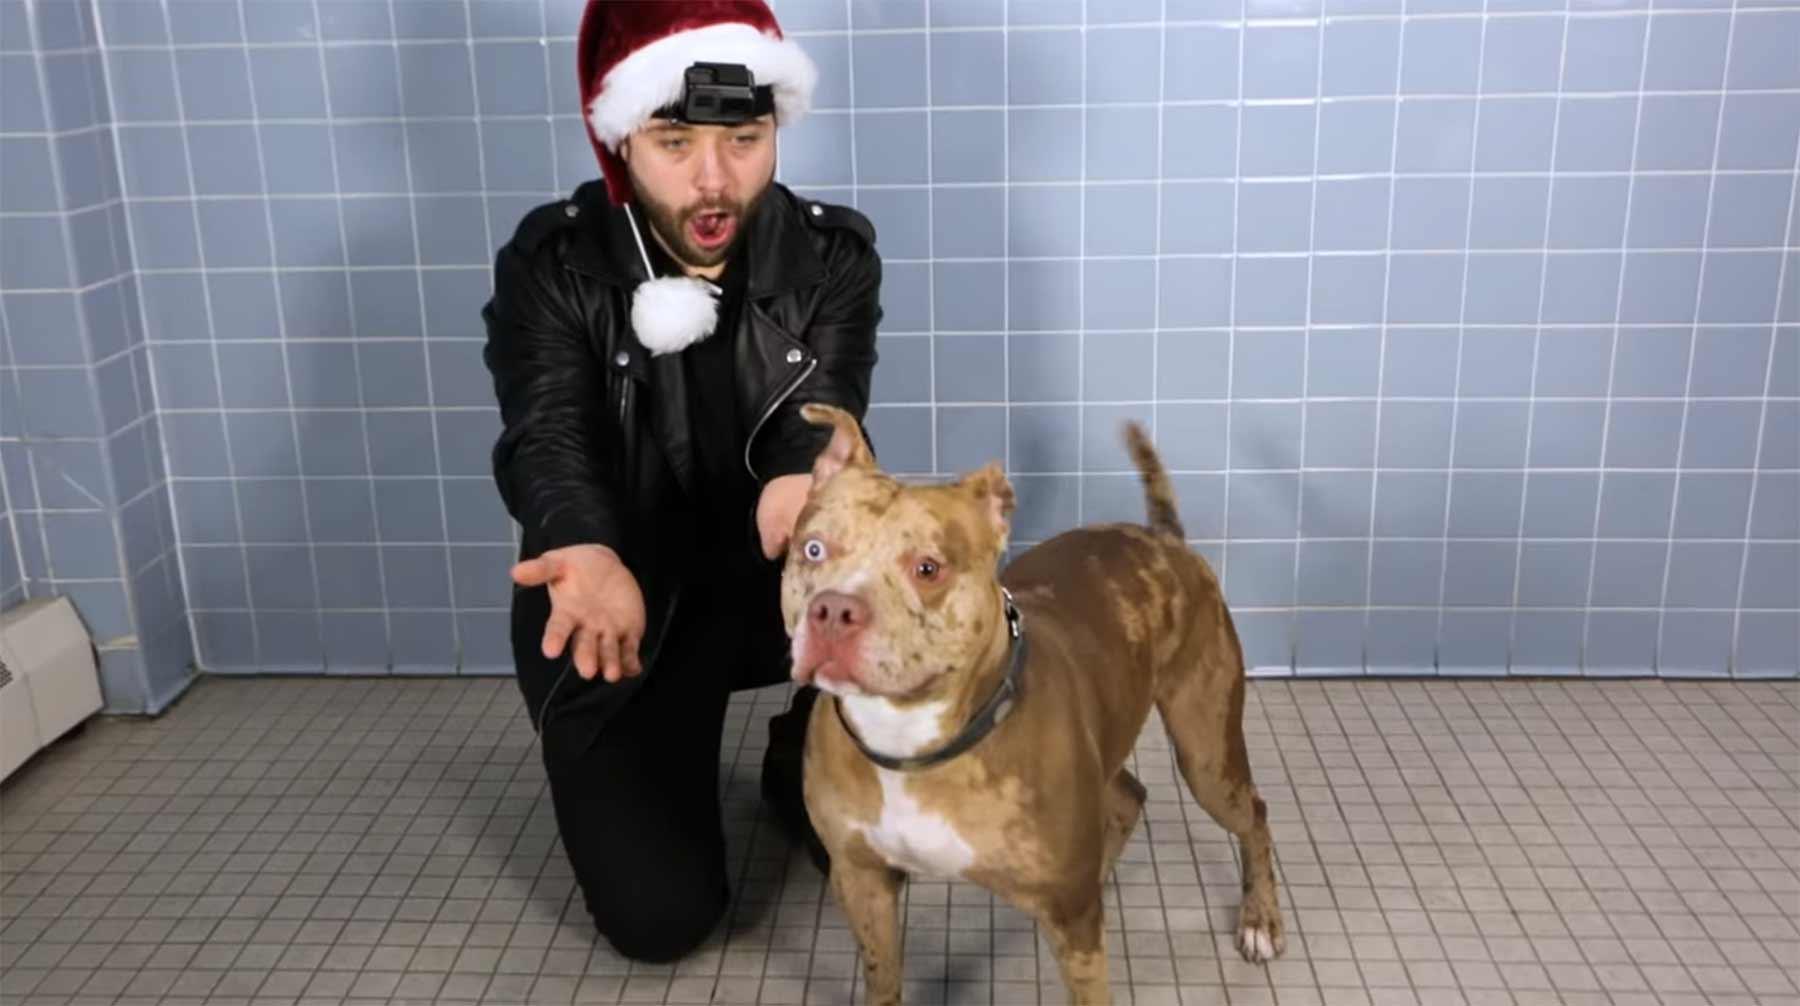 Zaubertricks für Hunde aus dem Tierheim zaubertricks-hunde-reaktion